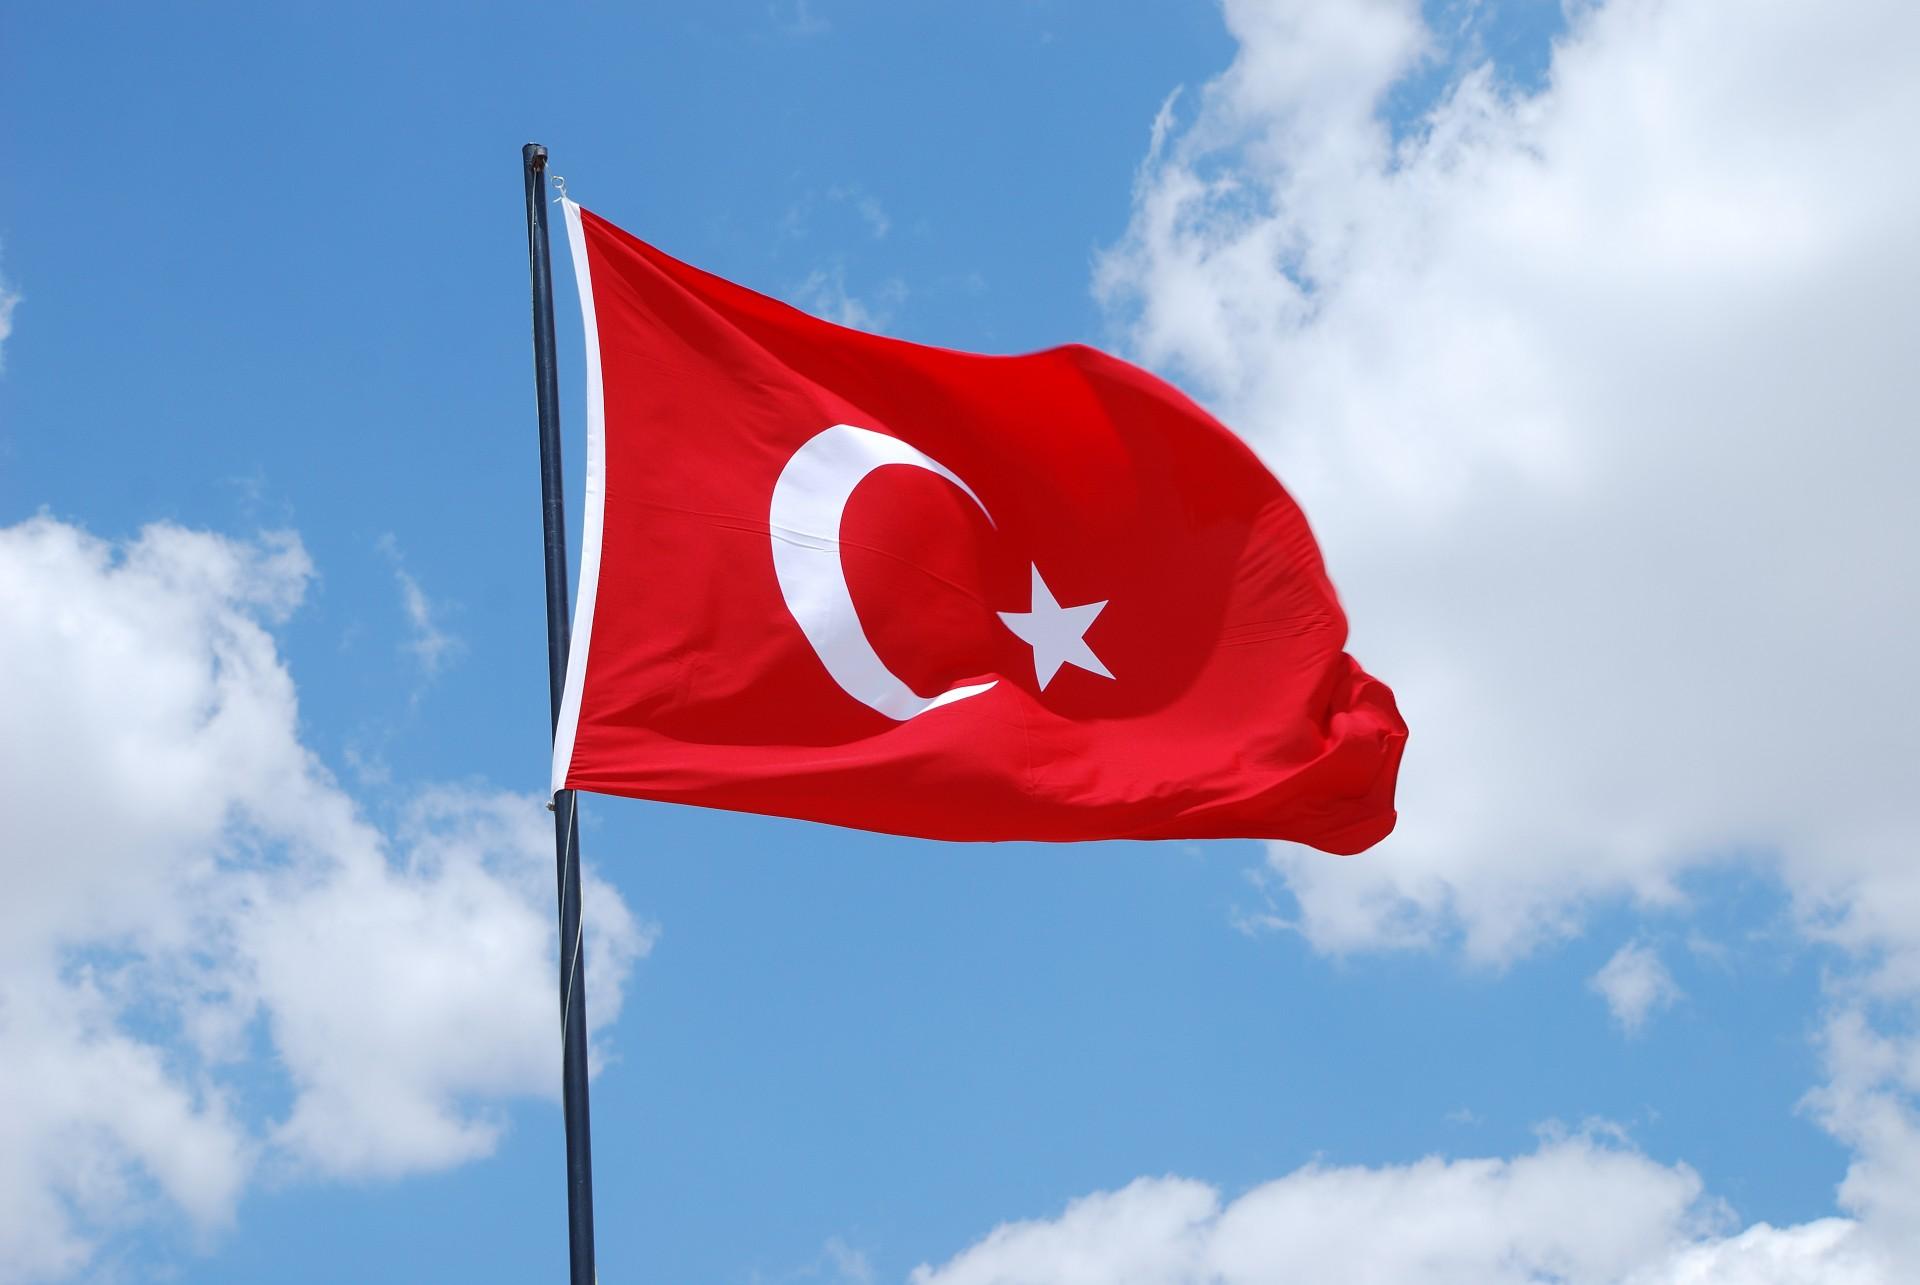 Turk 23